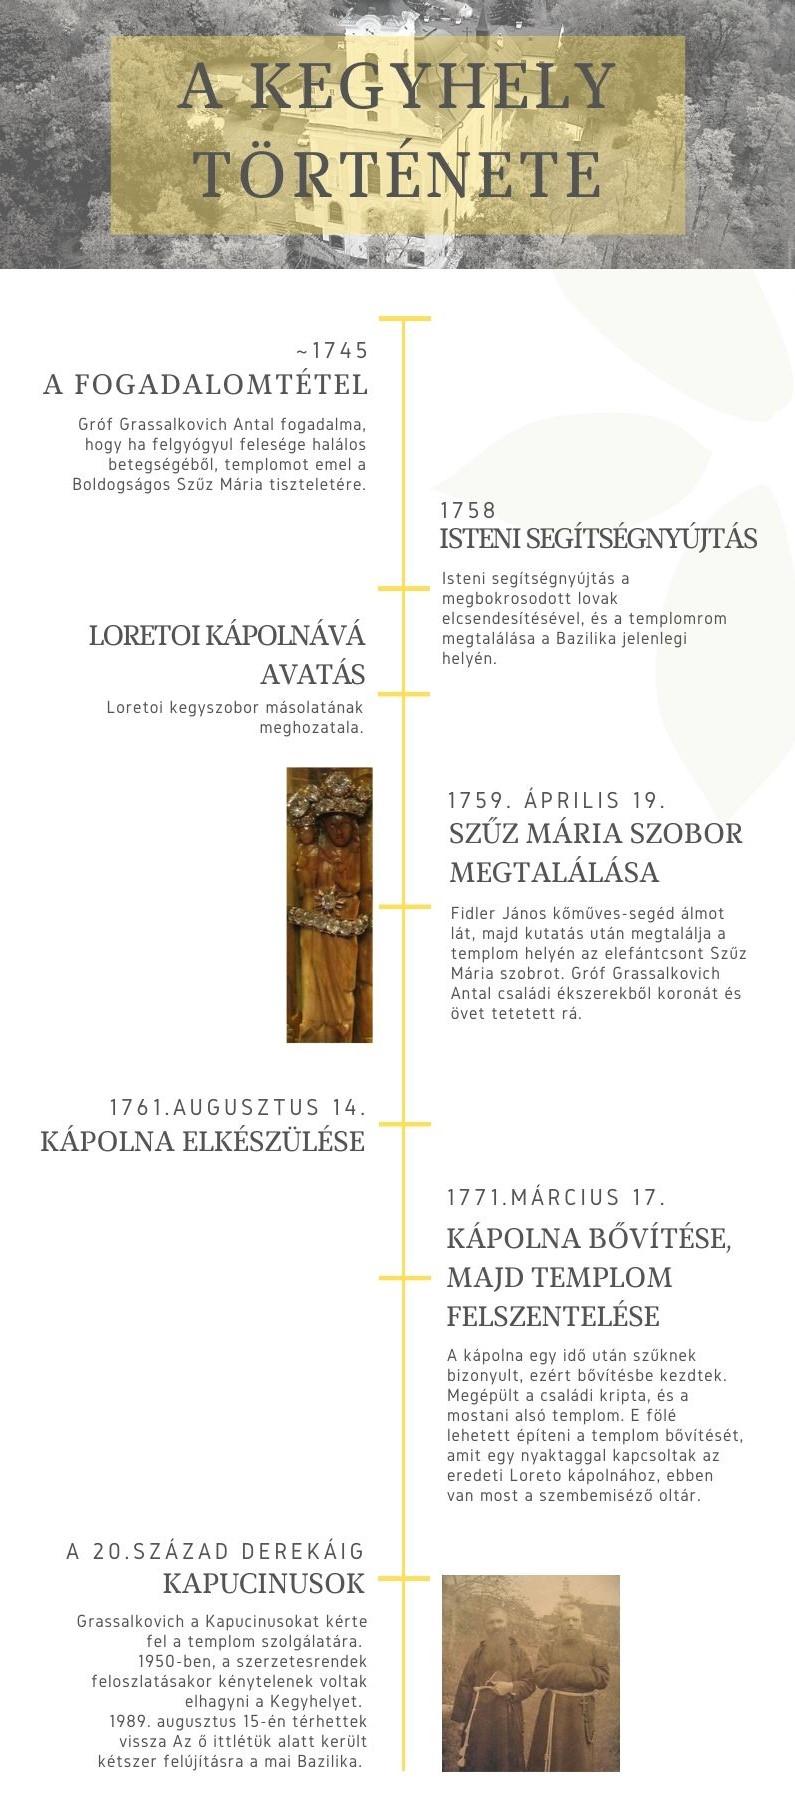 kegyhely története infografika